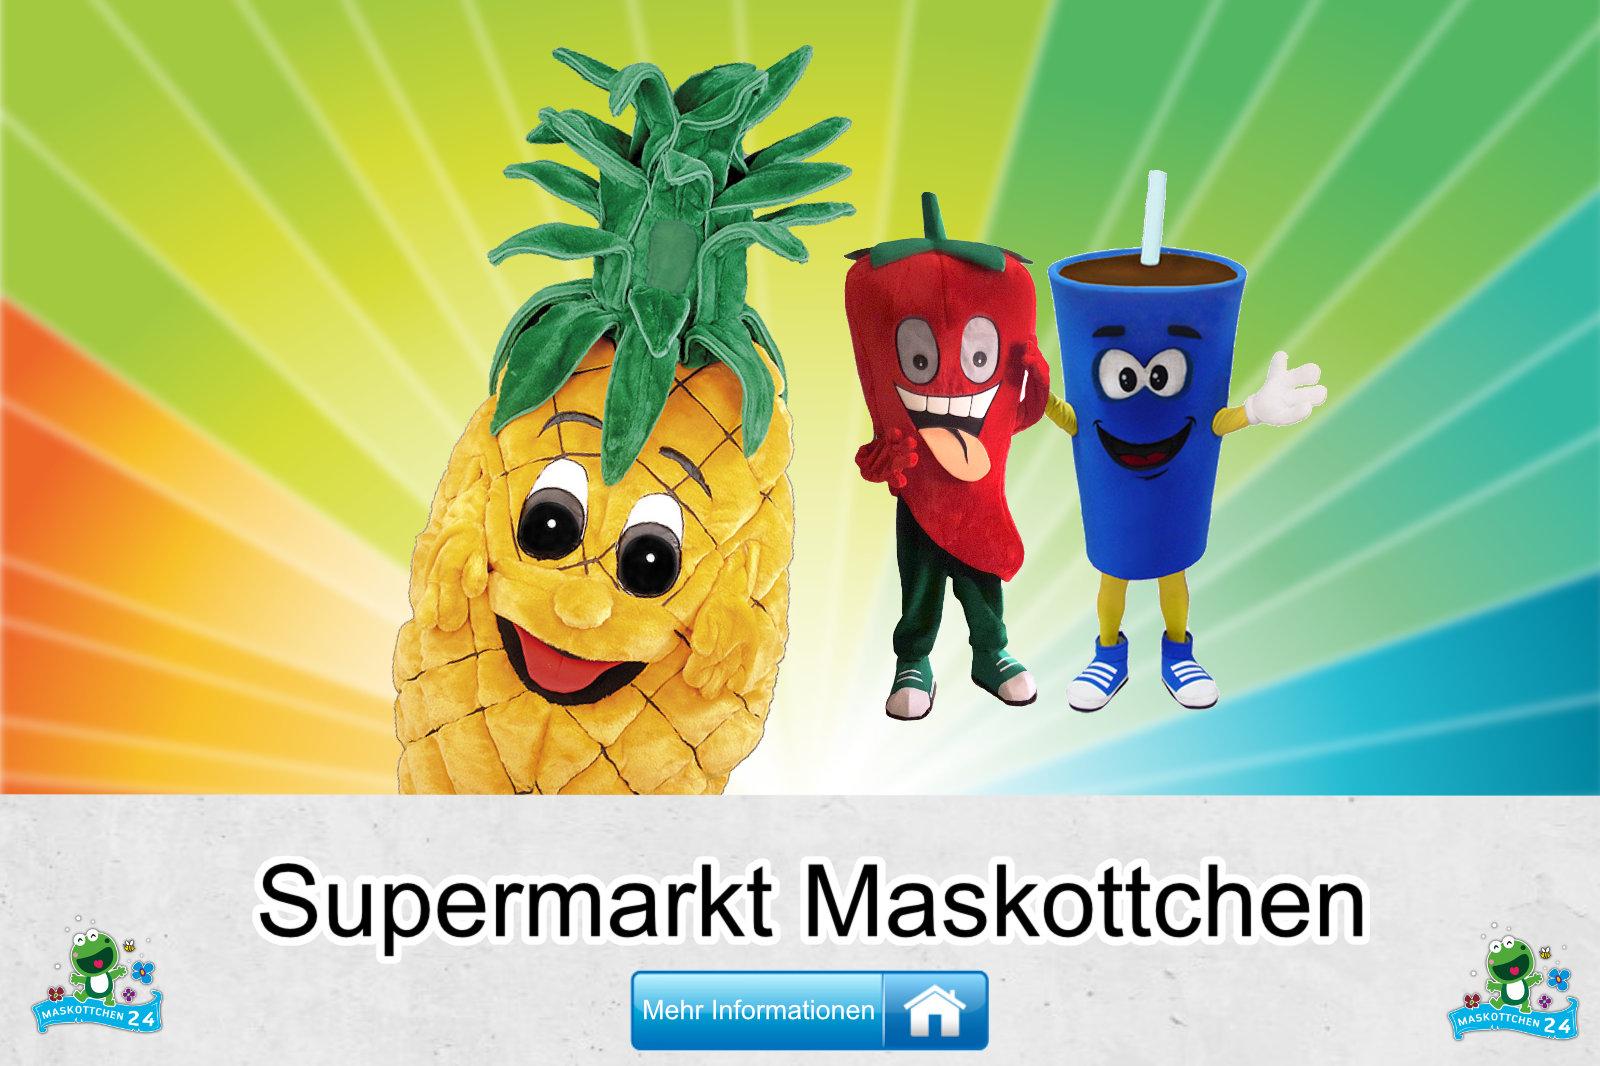 Supermarkt Kostüme Maskottchen Herstellung Firma günstig kaufen